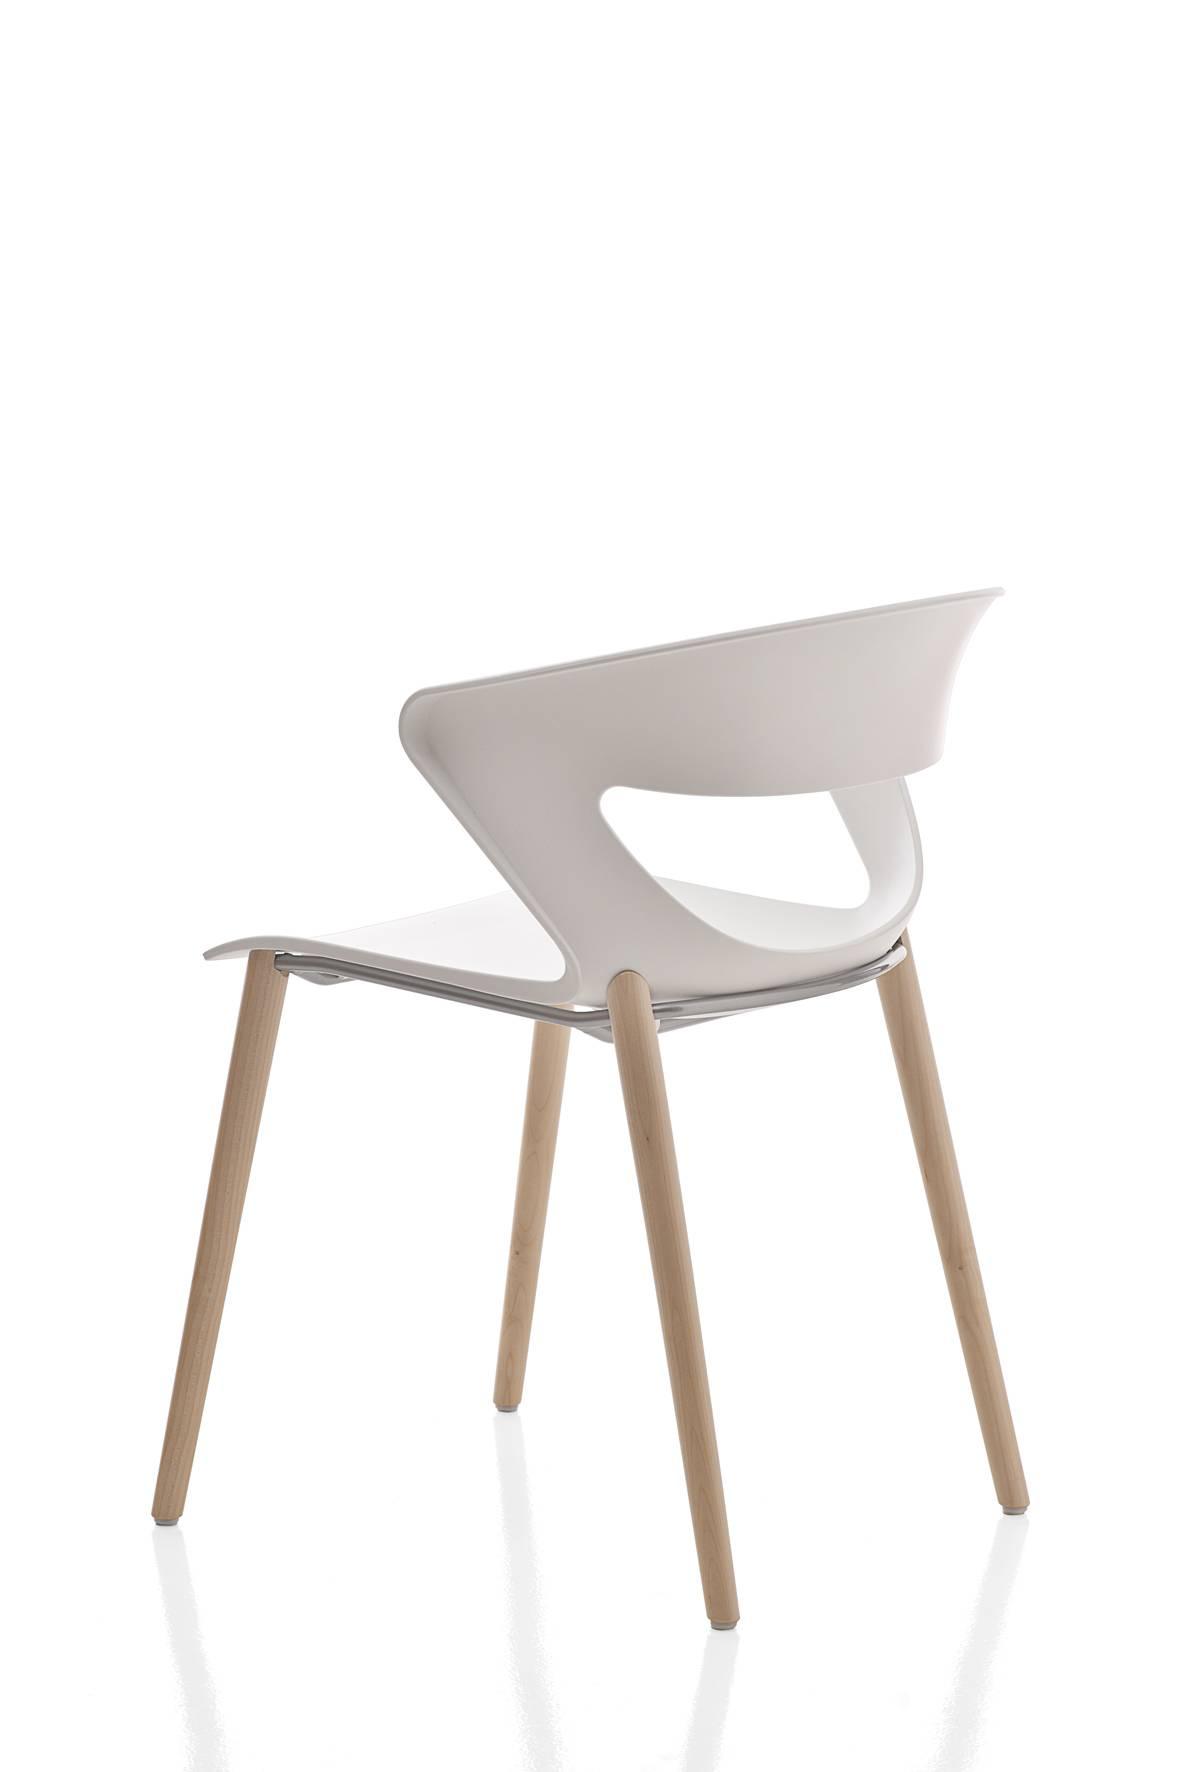 Chaise KICCA coque polypropylène avec pieds en bois très tendance sur Aix les Milles